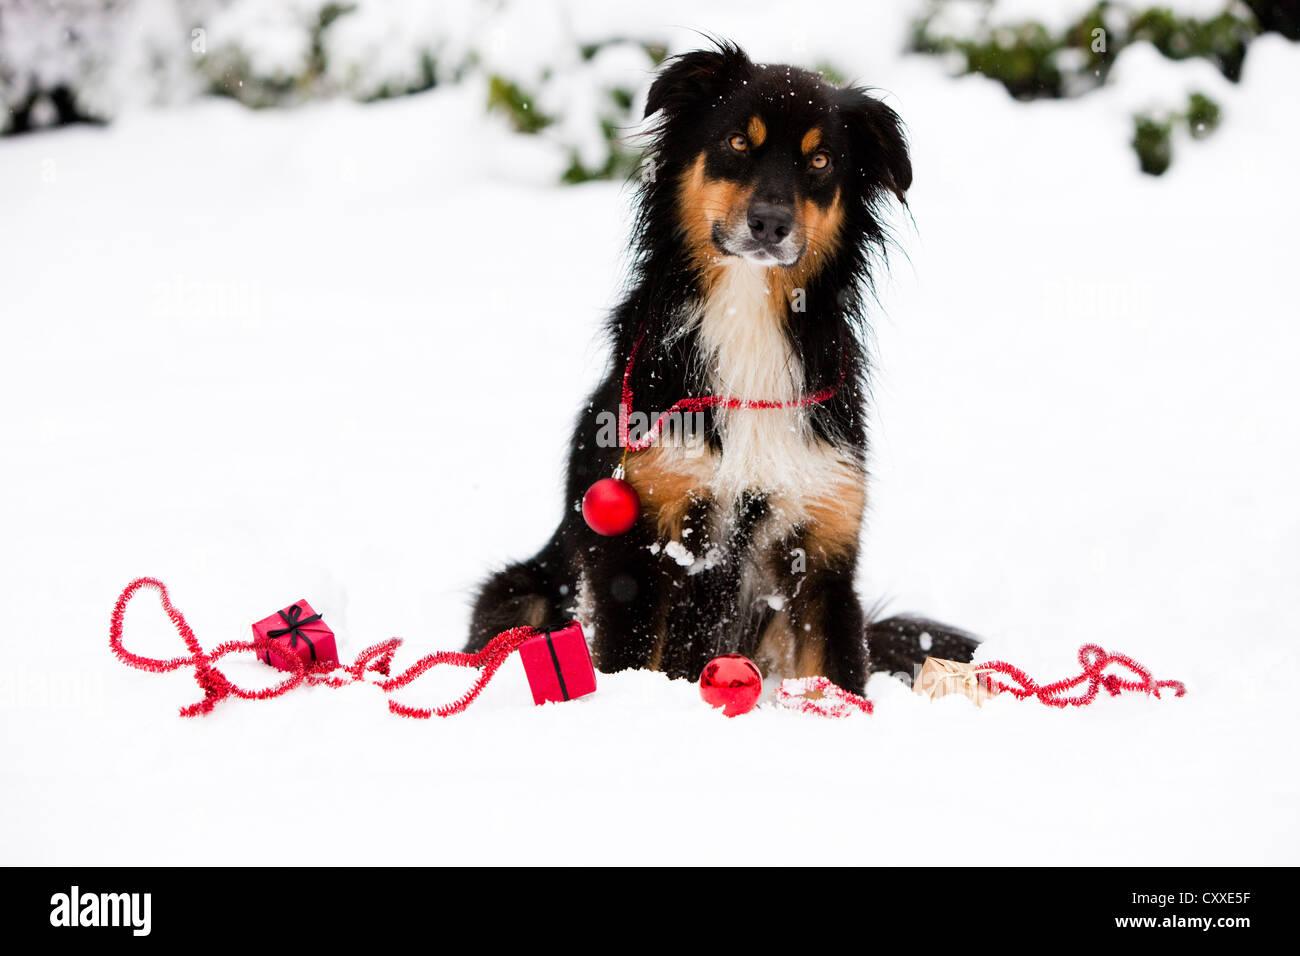 Australian Shepherd Christmas Ornament.Australian Shepherd Sitting In The Snow With Christmas